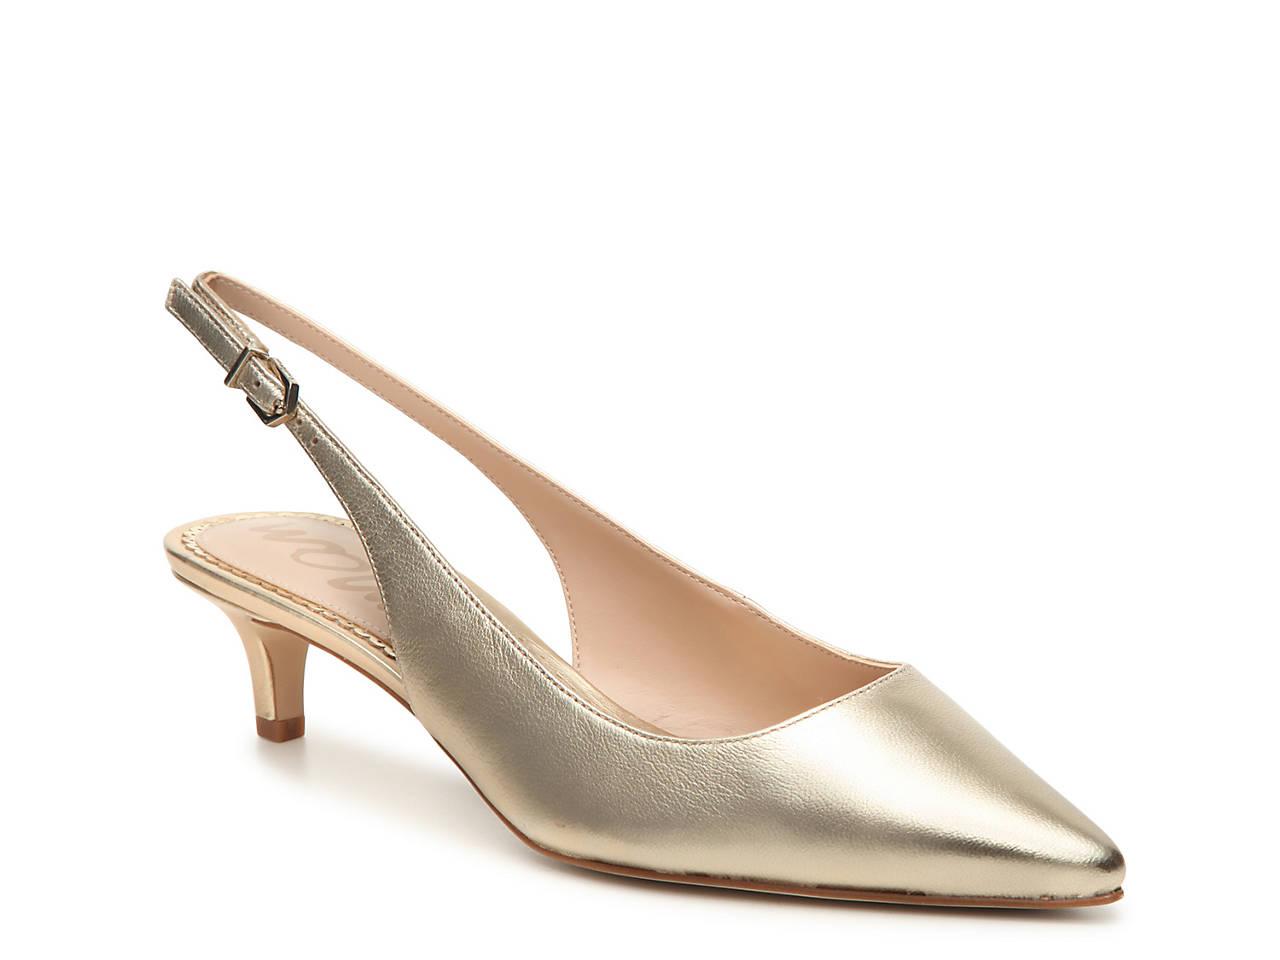 ed72cff24152ce Sam Edelman Ludlow Pump Women s Shoes